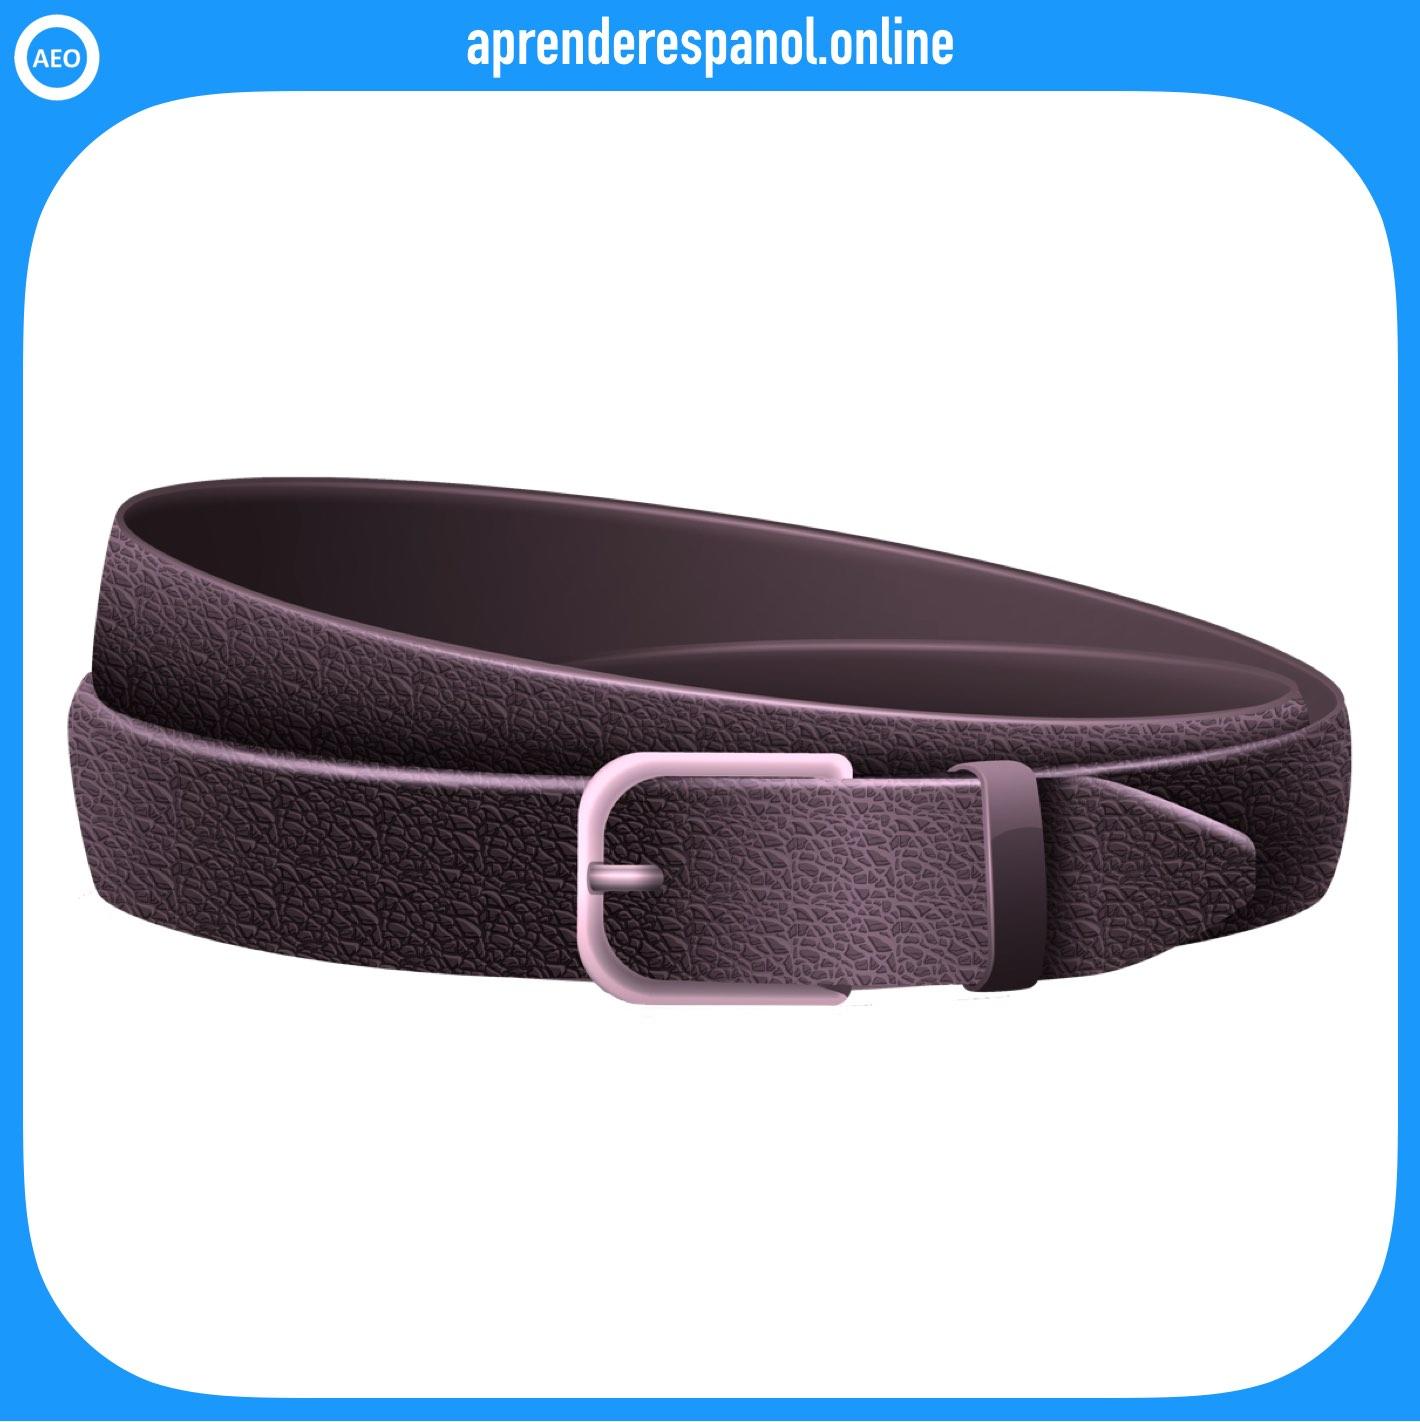 cinturón | ropa en español | vocabulario de la ropa en español